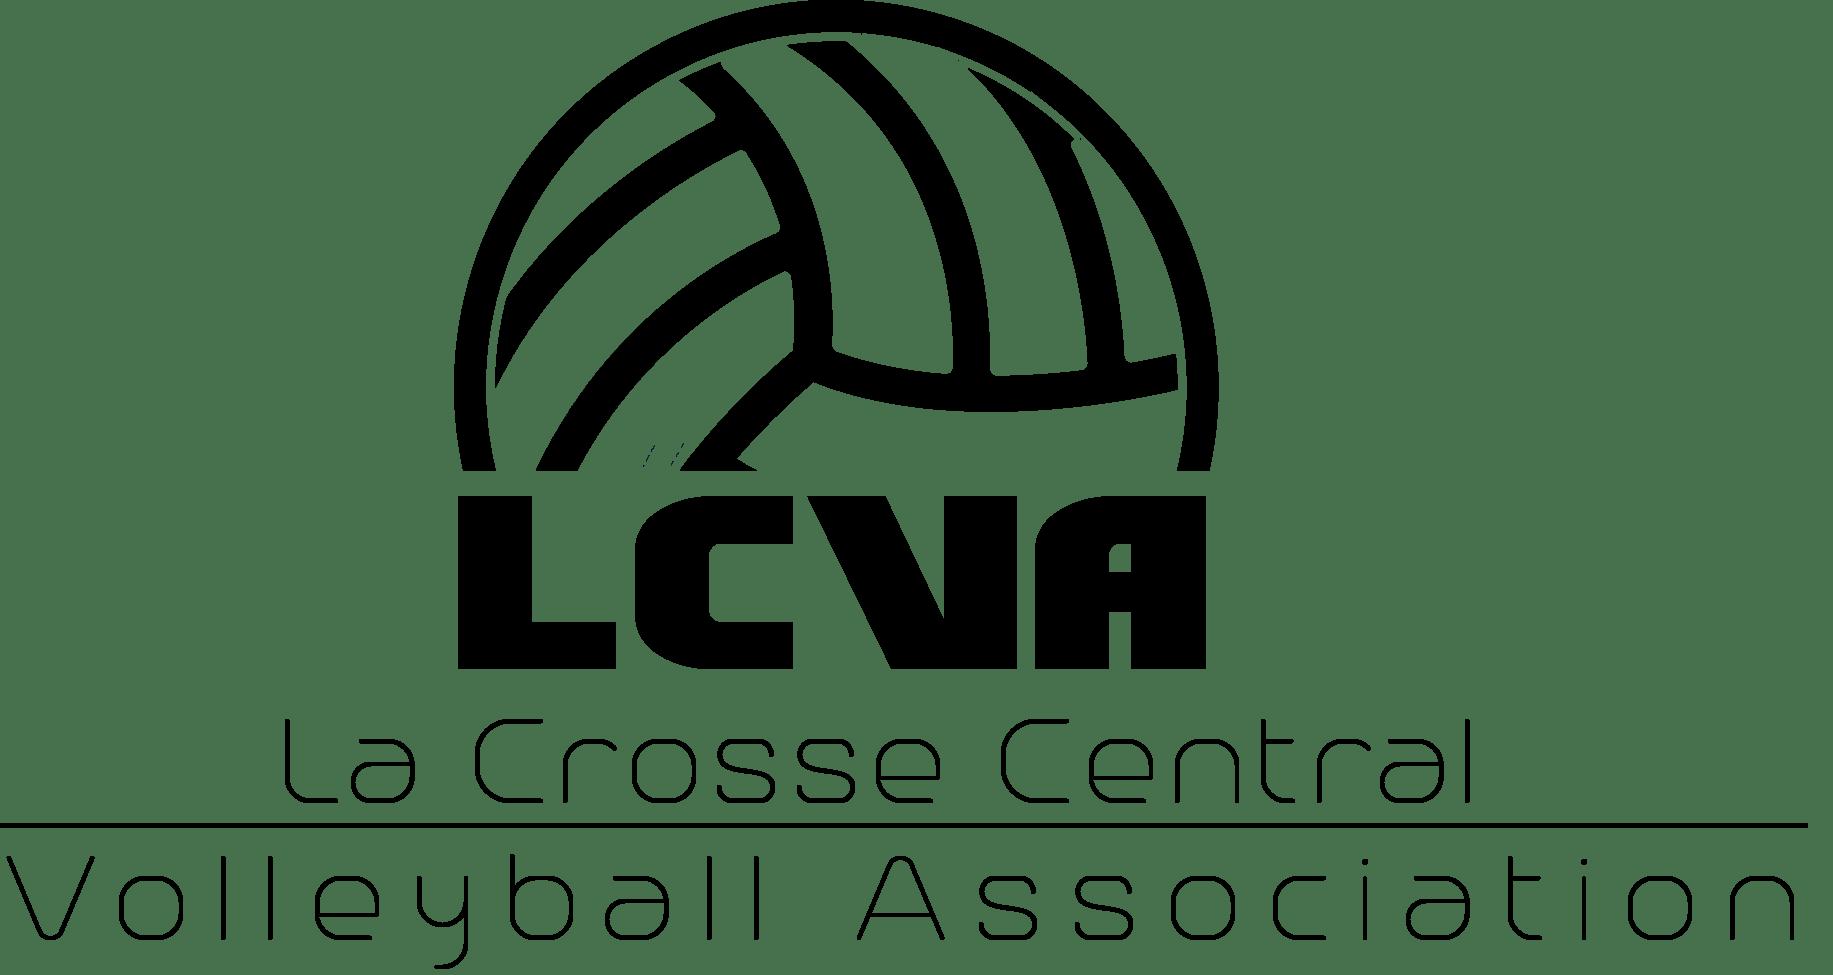 LCVA - Spring Volleyball League - 6th Grade